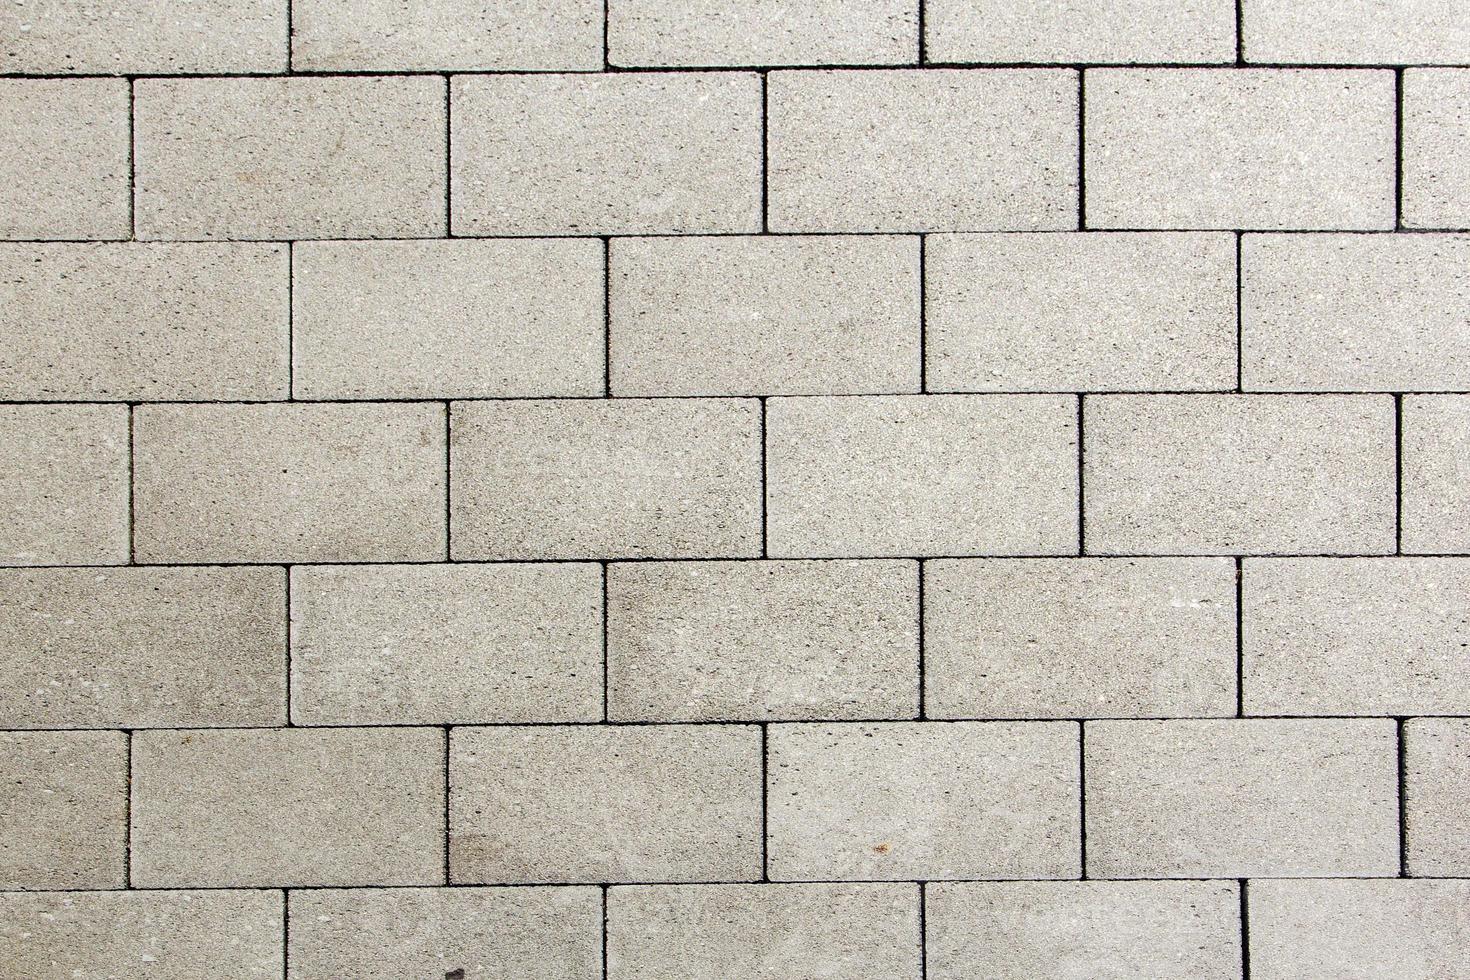 detail van tegels op straat geeft een harmonisch patroon foto